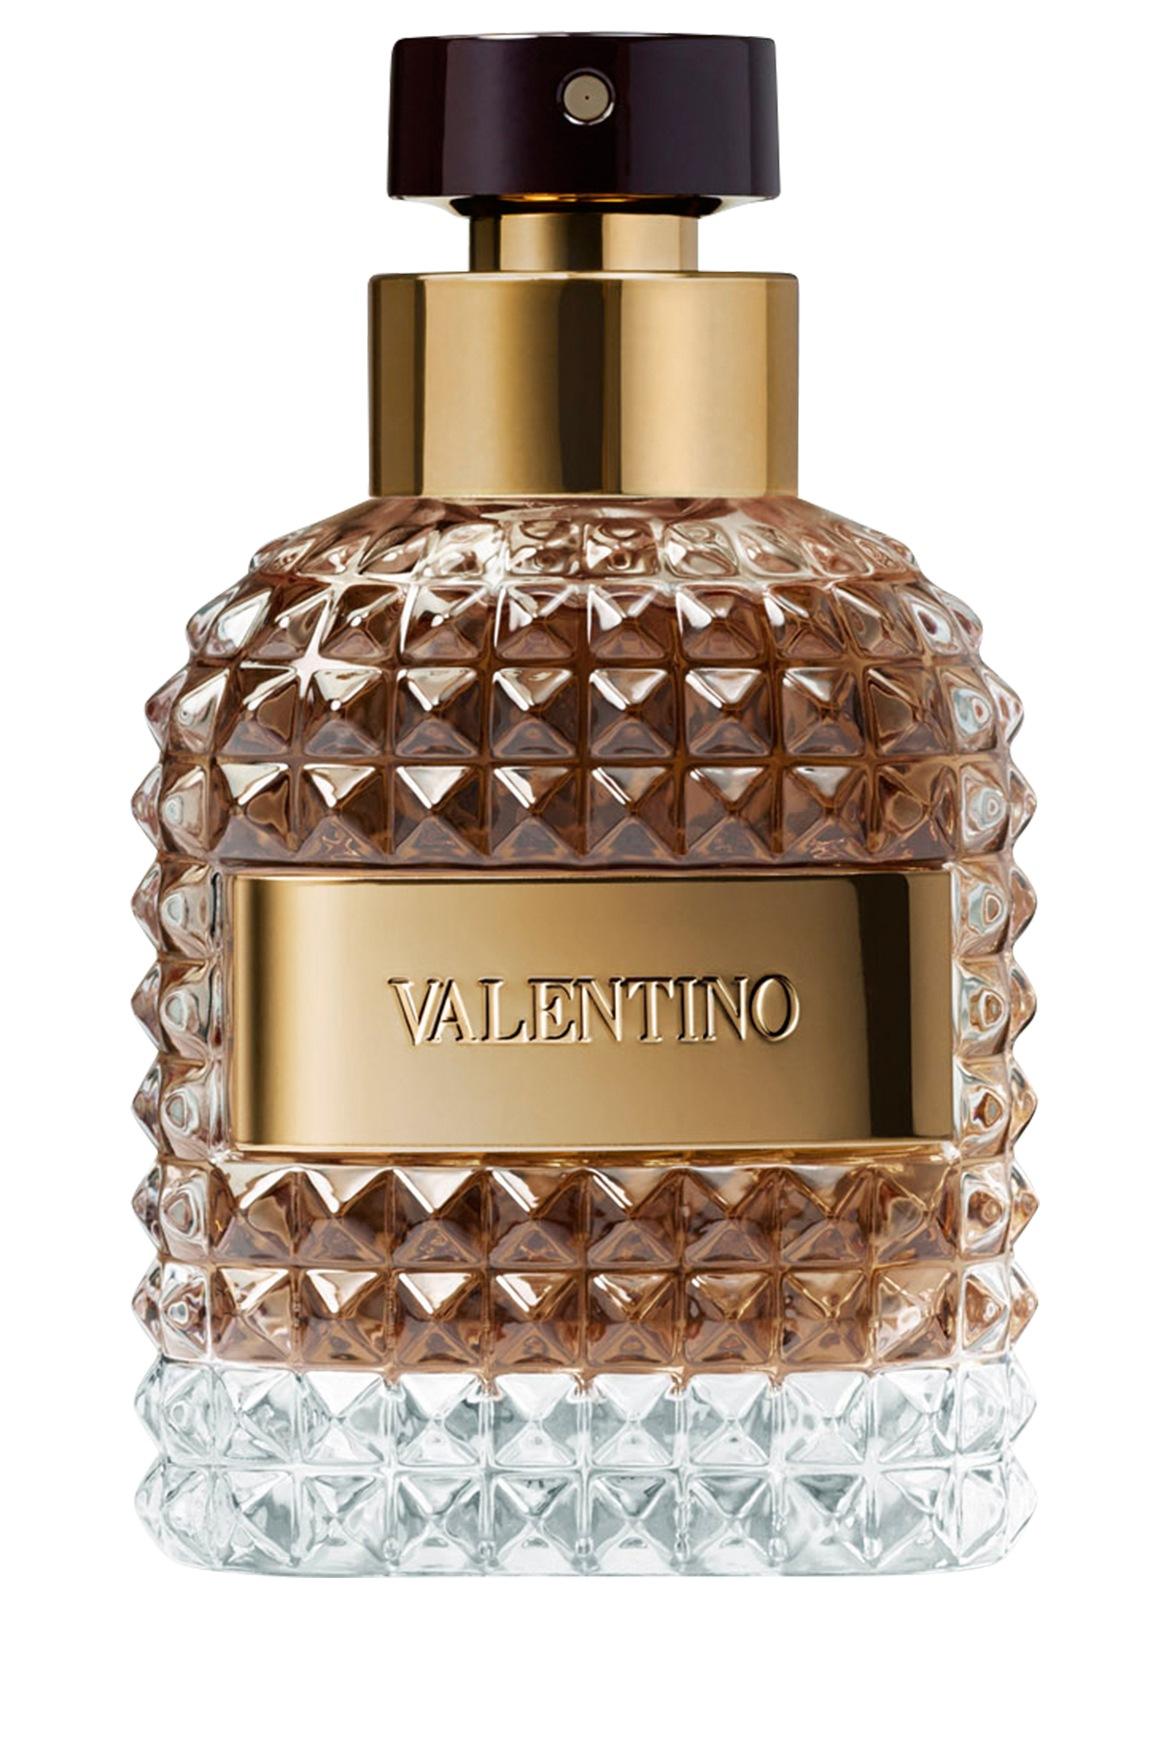 italiano valentino perfume myer